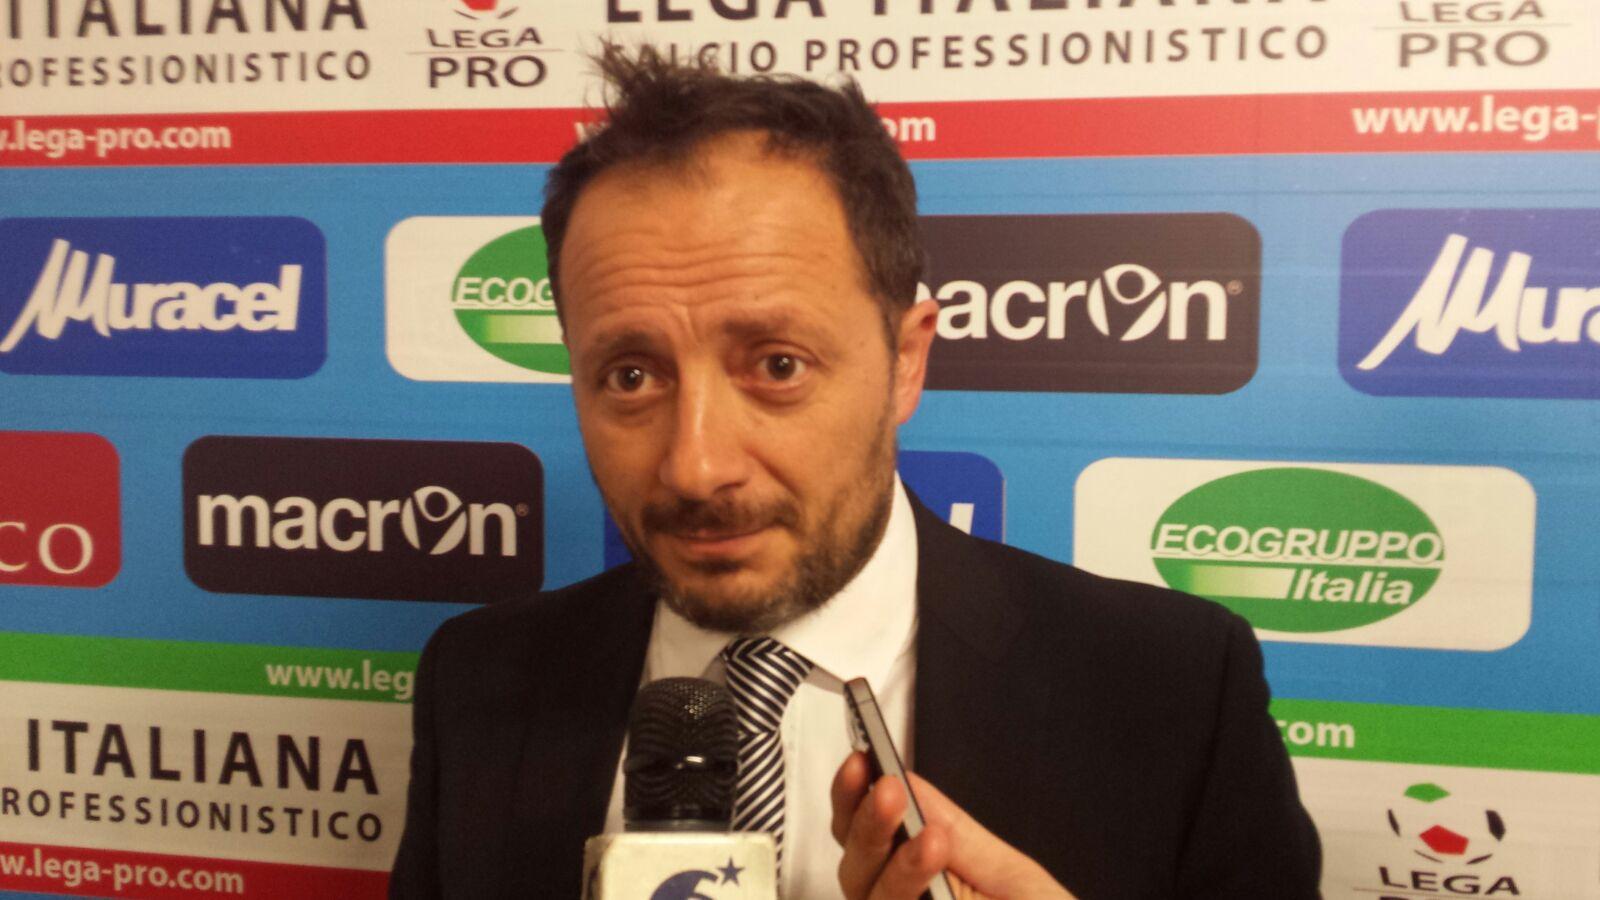 Fabrizio Ferrigno Catania